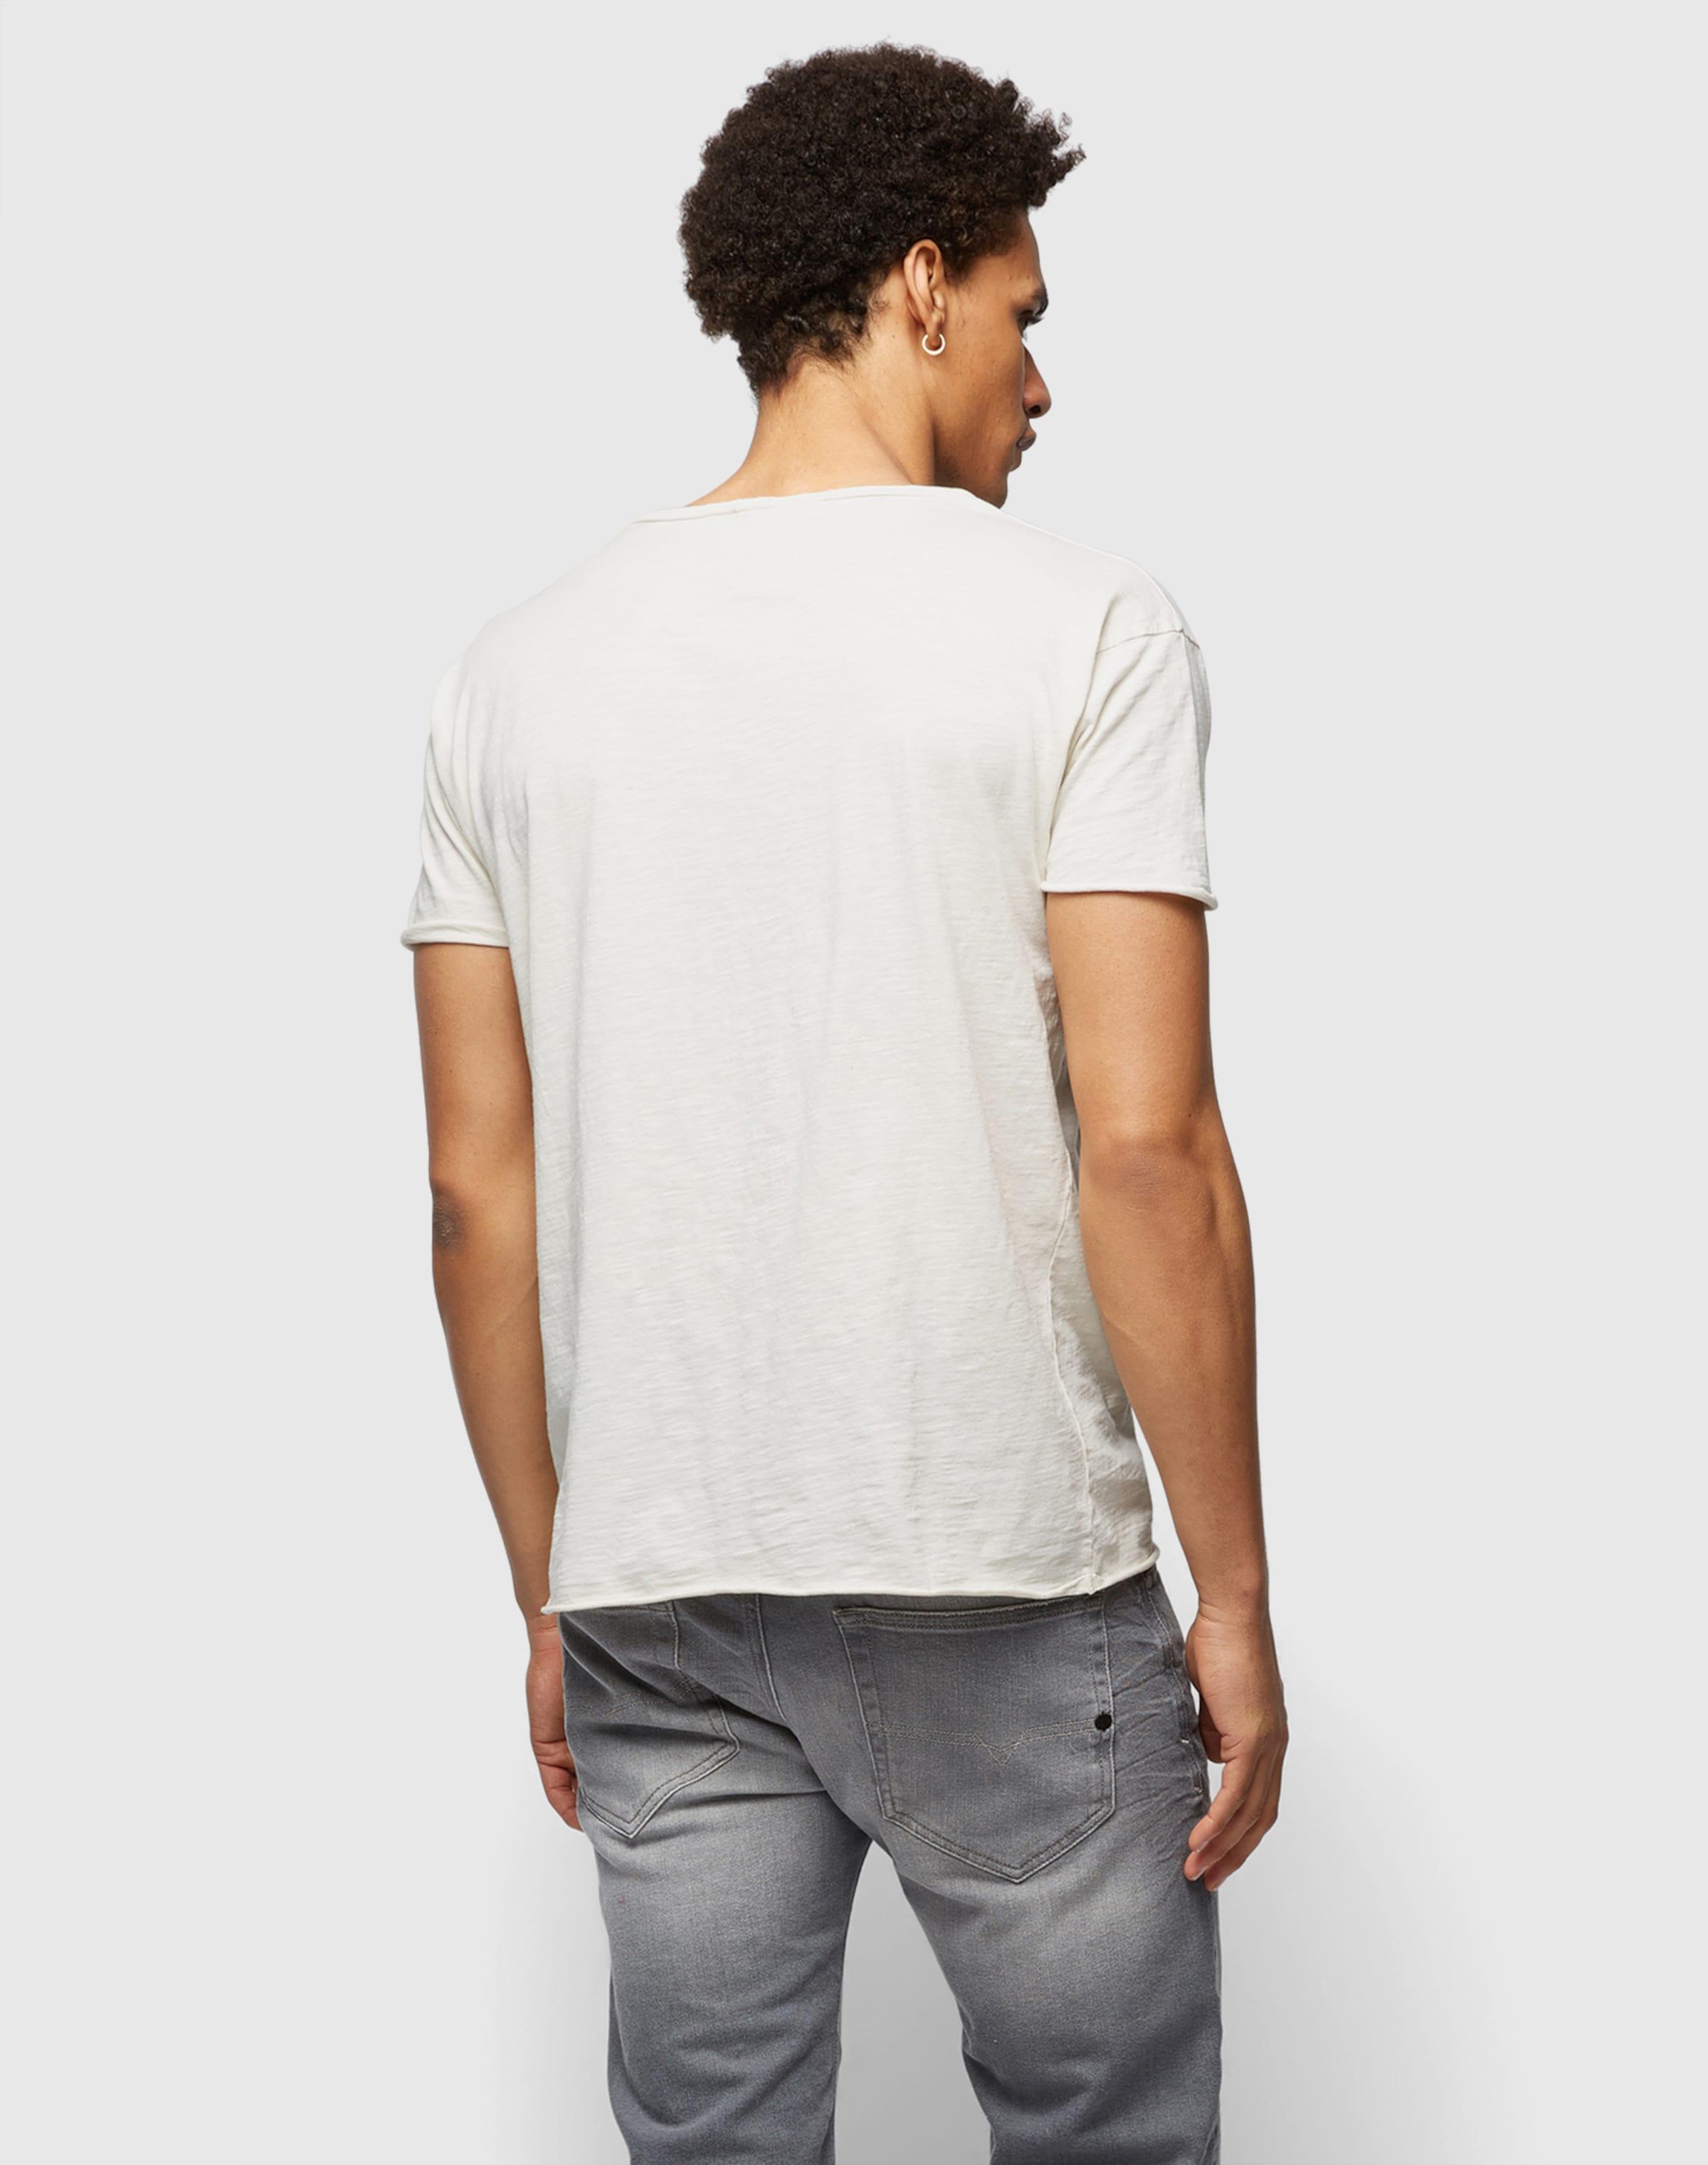 Freies Verschiffen Wiki Günstig Kaufen Viele Arten Von Nudie Jeans Co T-Shirt 'Roger Slub' tDgRvRpkzx